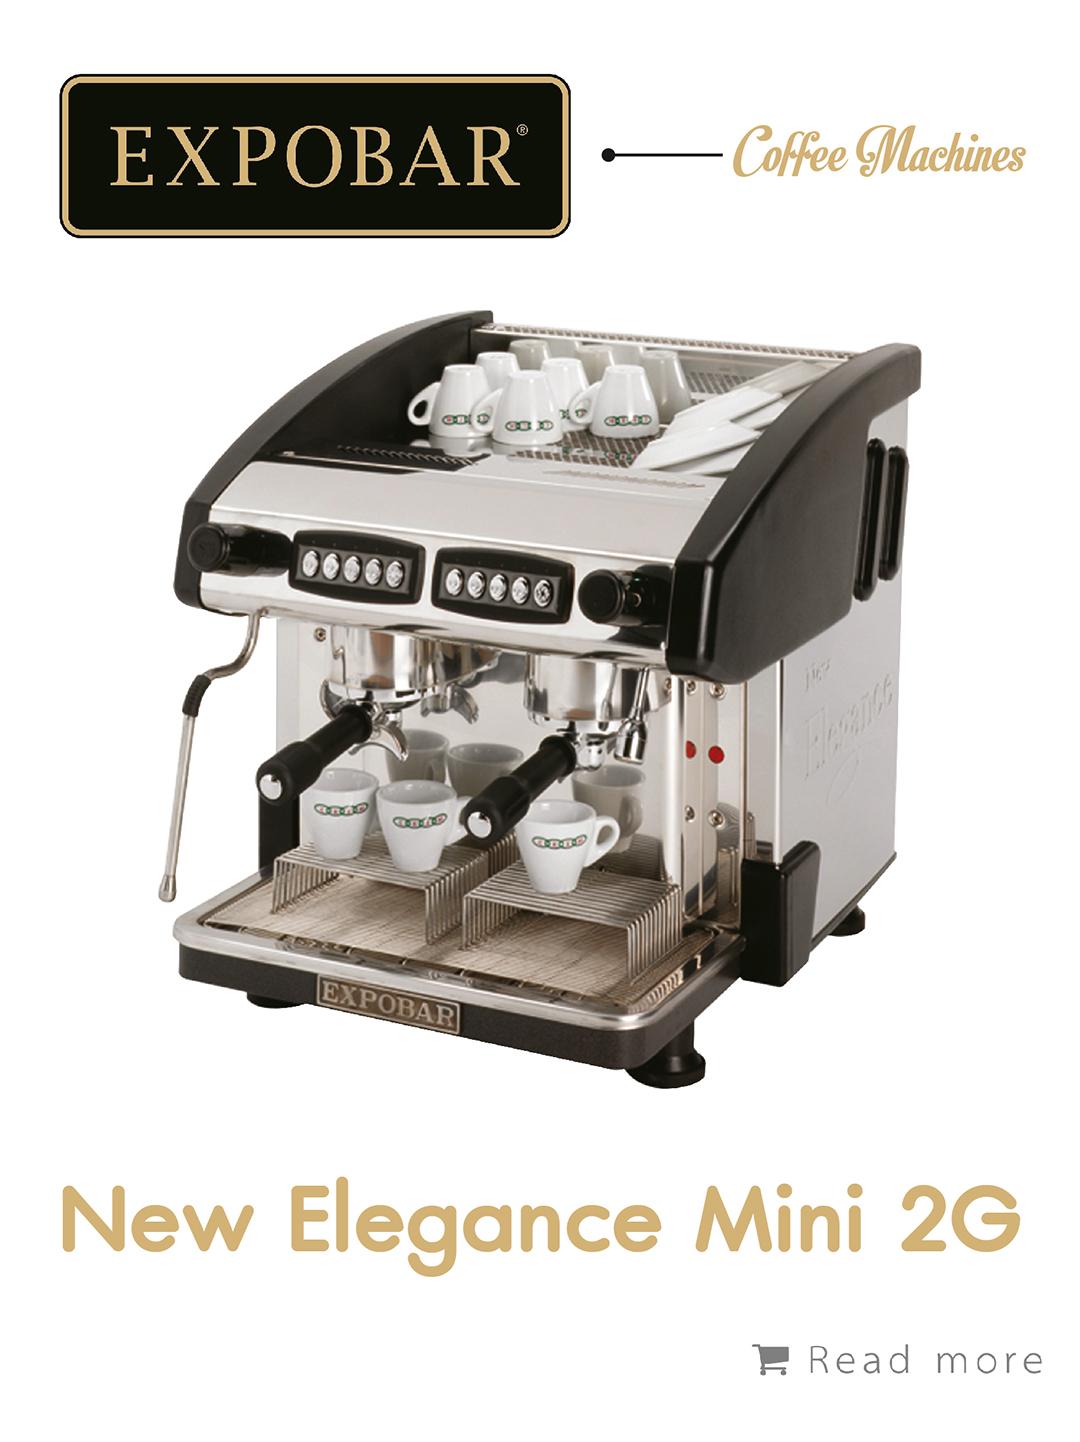 เครื่องชงกาแฟ Expobar New Elegance Mini 2g,เครื่องชงกาแฟ, เรียนชงกาแฟ, สอนชงกาแฟ, อุปกรณ์ร้านกาแฟ, กาแฟคั่ว, ซ่อมเครื่องชงกาแฟ, ขายเครื่องชงกาแฟ, จำหน่ายเมล็ดกาแฟคั่ว, ขายเมล็ดกาแฟคั่ว, จำหน่ายเมล็ดกาแฟสาร, ขายเมล็ดกาแฟสาร, เมล็ดกาแฟคั่ว, เมล็ดกาแฟสาร, อุปกรณ์สำหรับเปิดร้านกาแฟ , เปิดสอนฝึกอบรมการชงกาแฟที่ถูกต้อง , รับจ้างโปรเซสกาแฟ, คั่วกาแฟด้วยเครื่องจักรอันทันสมัย